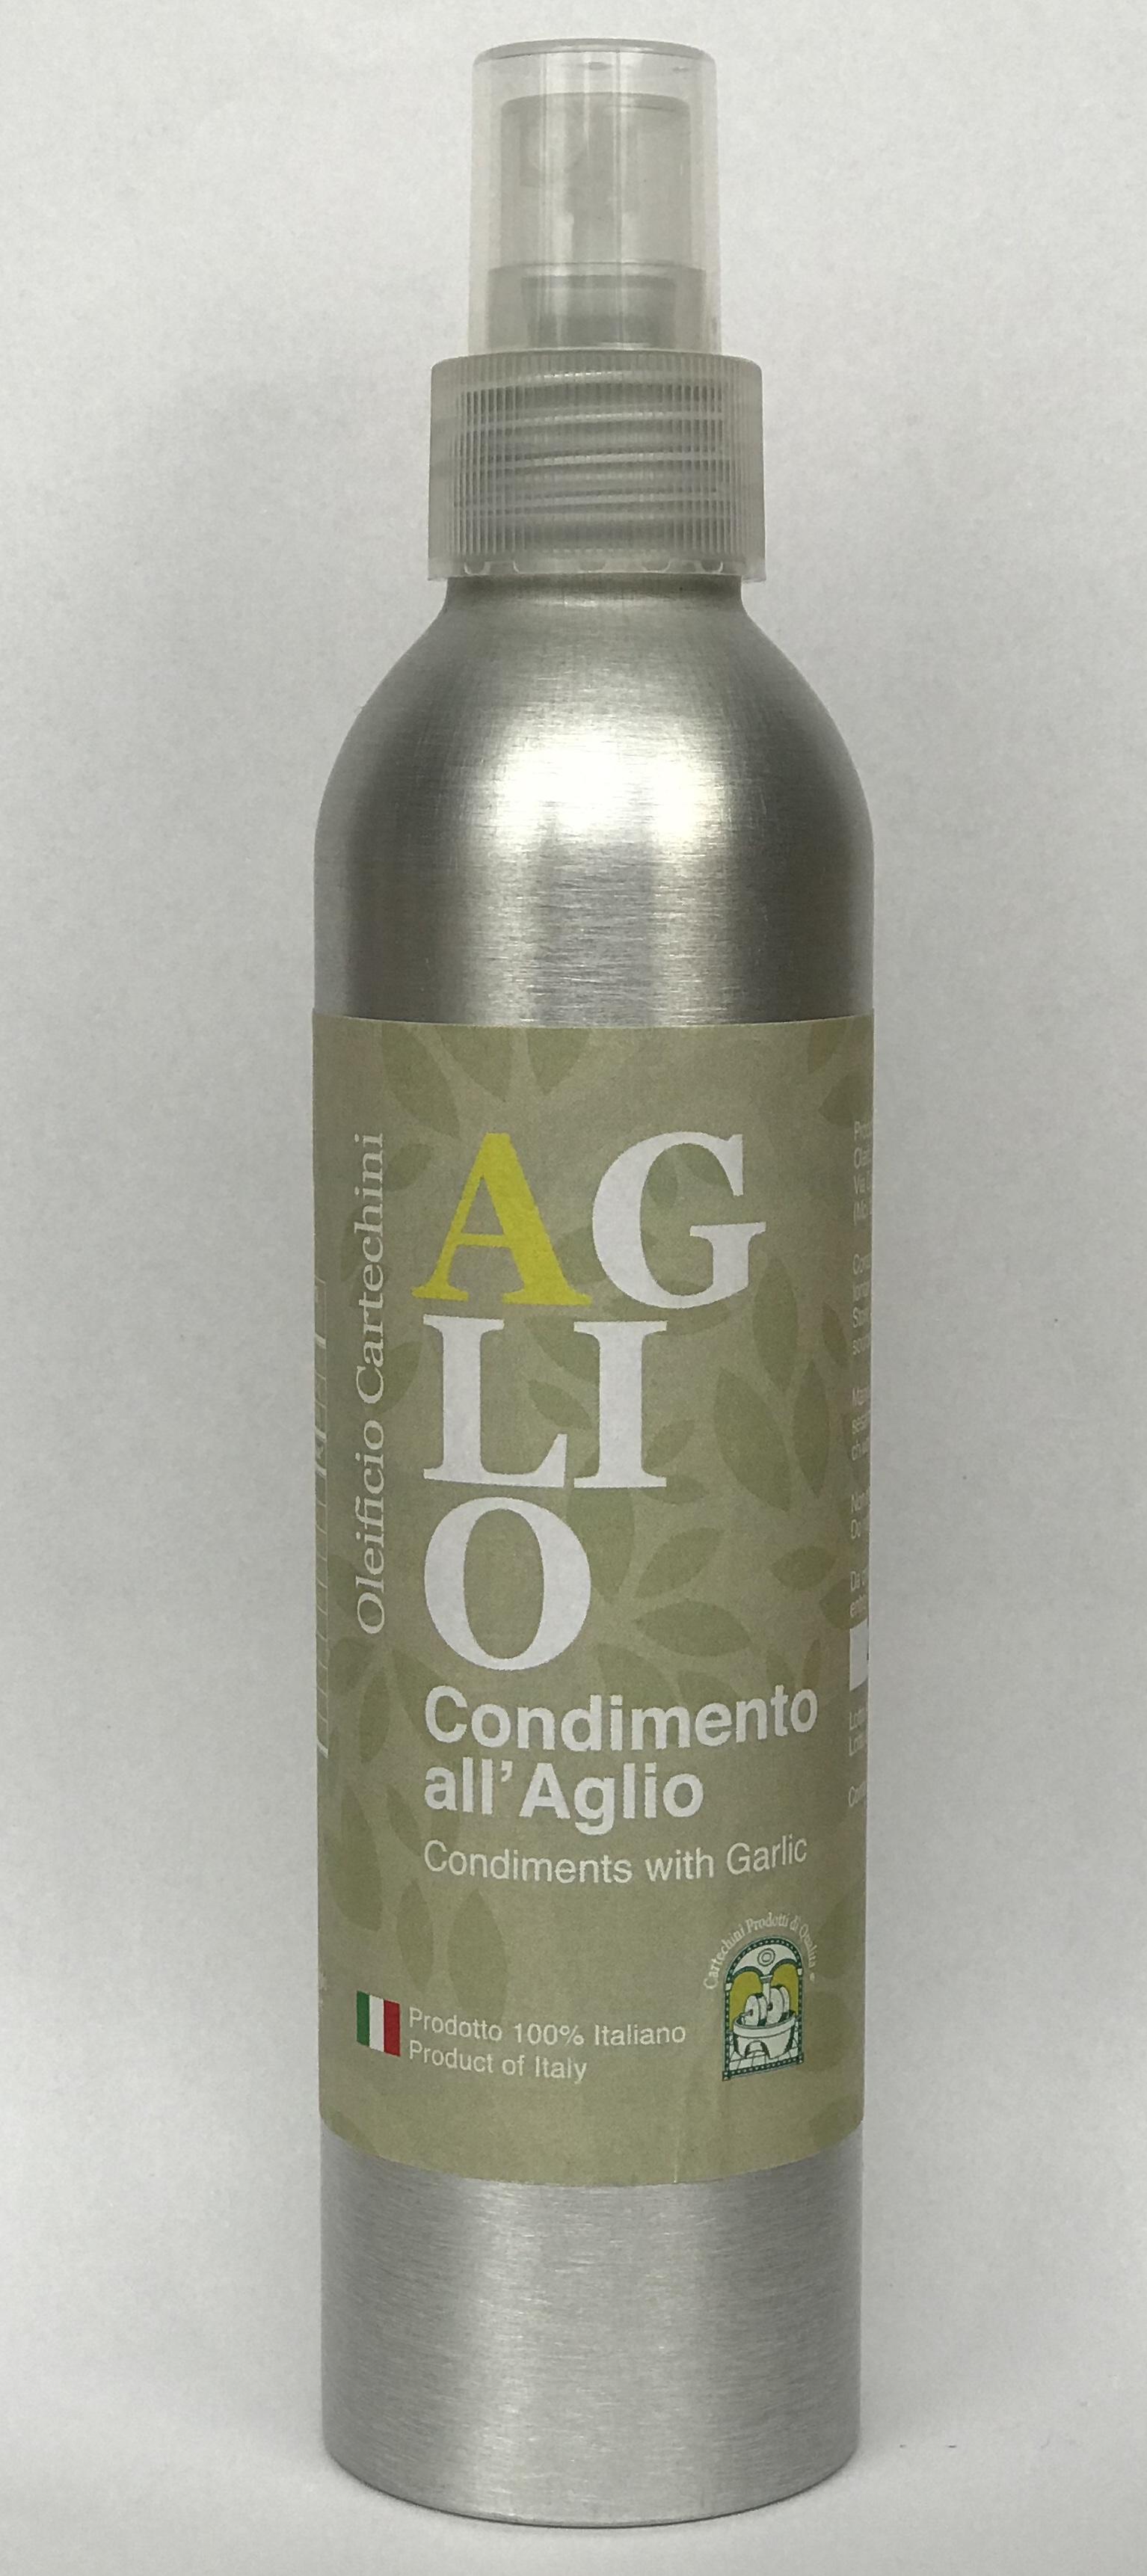 Condimento all'AGLIO - SPRAY - DESCRIZIONE PRODOTTOPer aromatizzare in maniera naturale, salutare e originale i tuoi piatti, scopri lo sfizioso Olio Extravergine d'Oliva aromatizzato all'Aglio. Nessun aroma chimico, SOLO AROMI NATURALI E FRUTTA BIO spremuti meccanicamente a freddo insieme alle olive, per un pieno di salute e sapore. Gli Agli provengono direttamente dall' Orto della Nonna.CARATTERISTICHE DEL PRODOTTOPeriodo di raccolta: da Fine NovembreMetodo di Lavorazione: Estrazione meccanica di olive insieme a Limoni (di sicilia non trattati) senza processi di raffinazioneConservazione: In serbatoi a Temperatura controllata tra 15°C e 18°CCultivar: Blend di Frantoio, Orbetana, Mignola, Raggia, CoroncinaAspetto: colore Verde chiaro tendente al giallo paglierinoFruttato: Medio-LeggeroGusto: di Aglio, pratico, delicato e non persistente nell'alito.CONTENITORE SPRAY INNOVATIVO